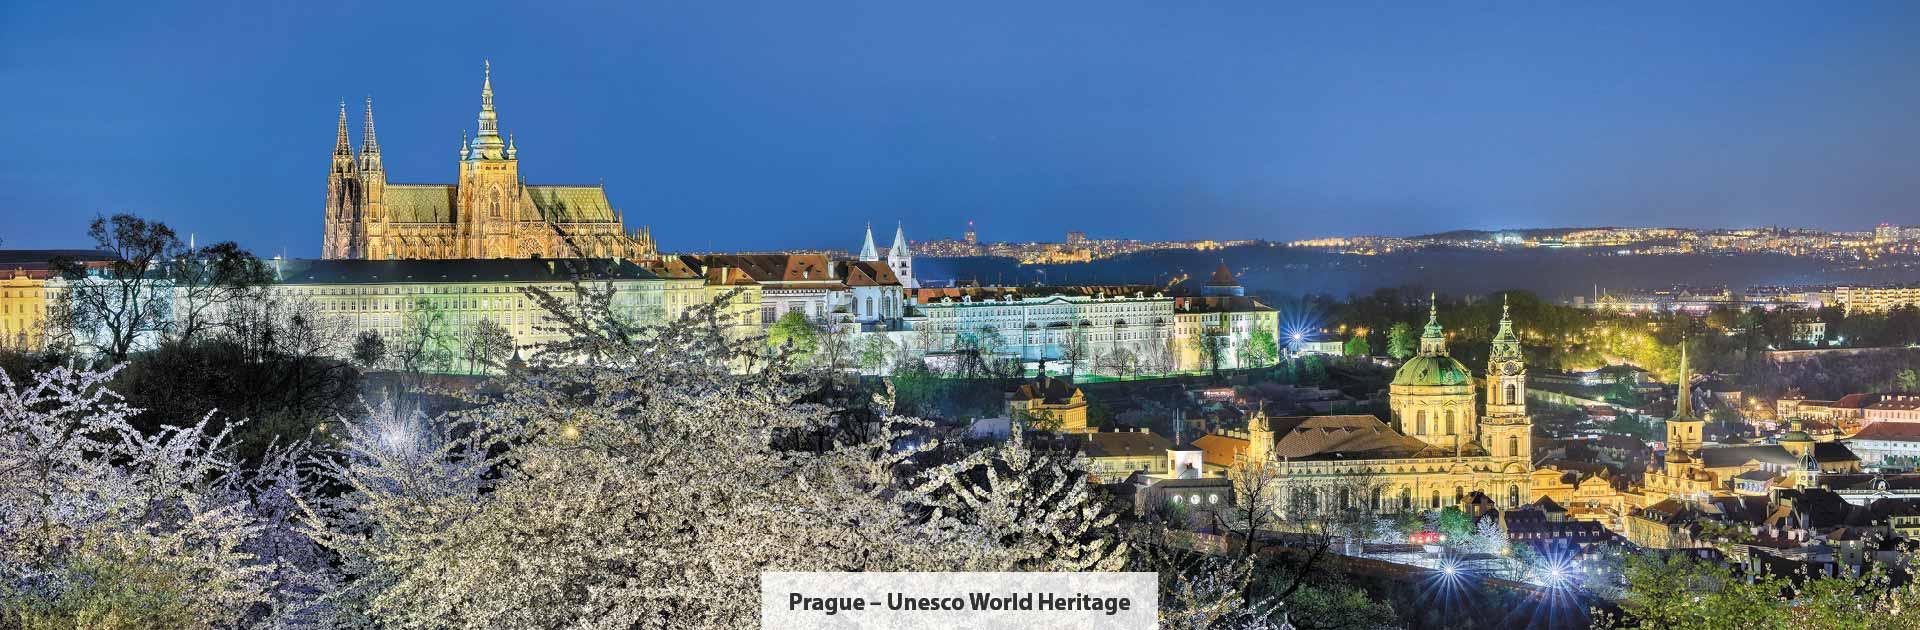 Praha - Unesco World Heritage